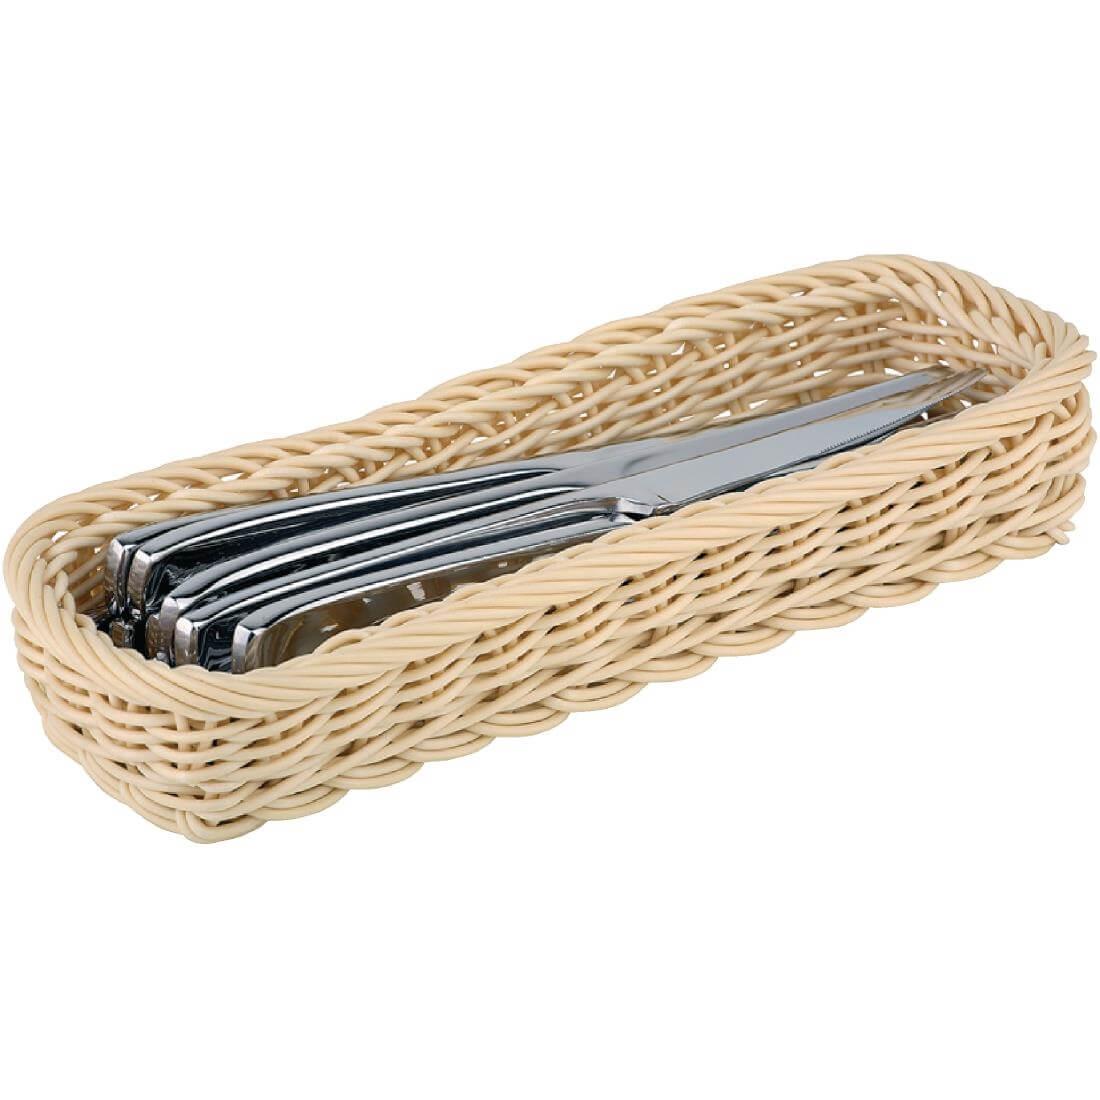 APS Polypropylene Rectangular Rattan Basket